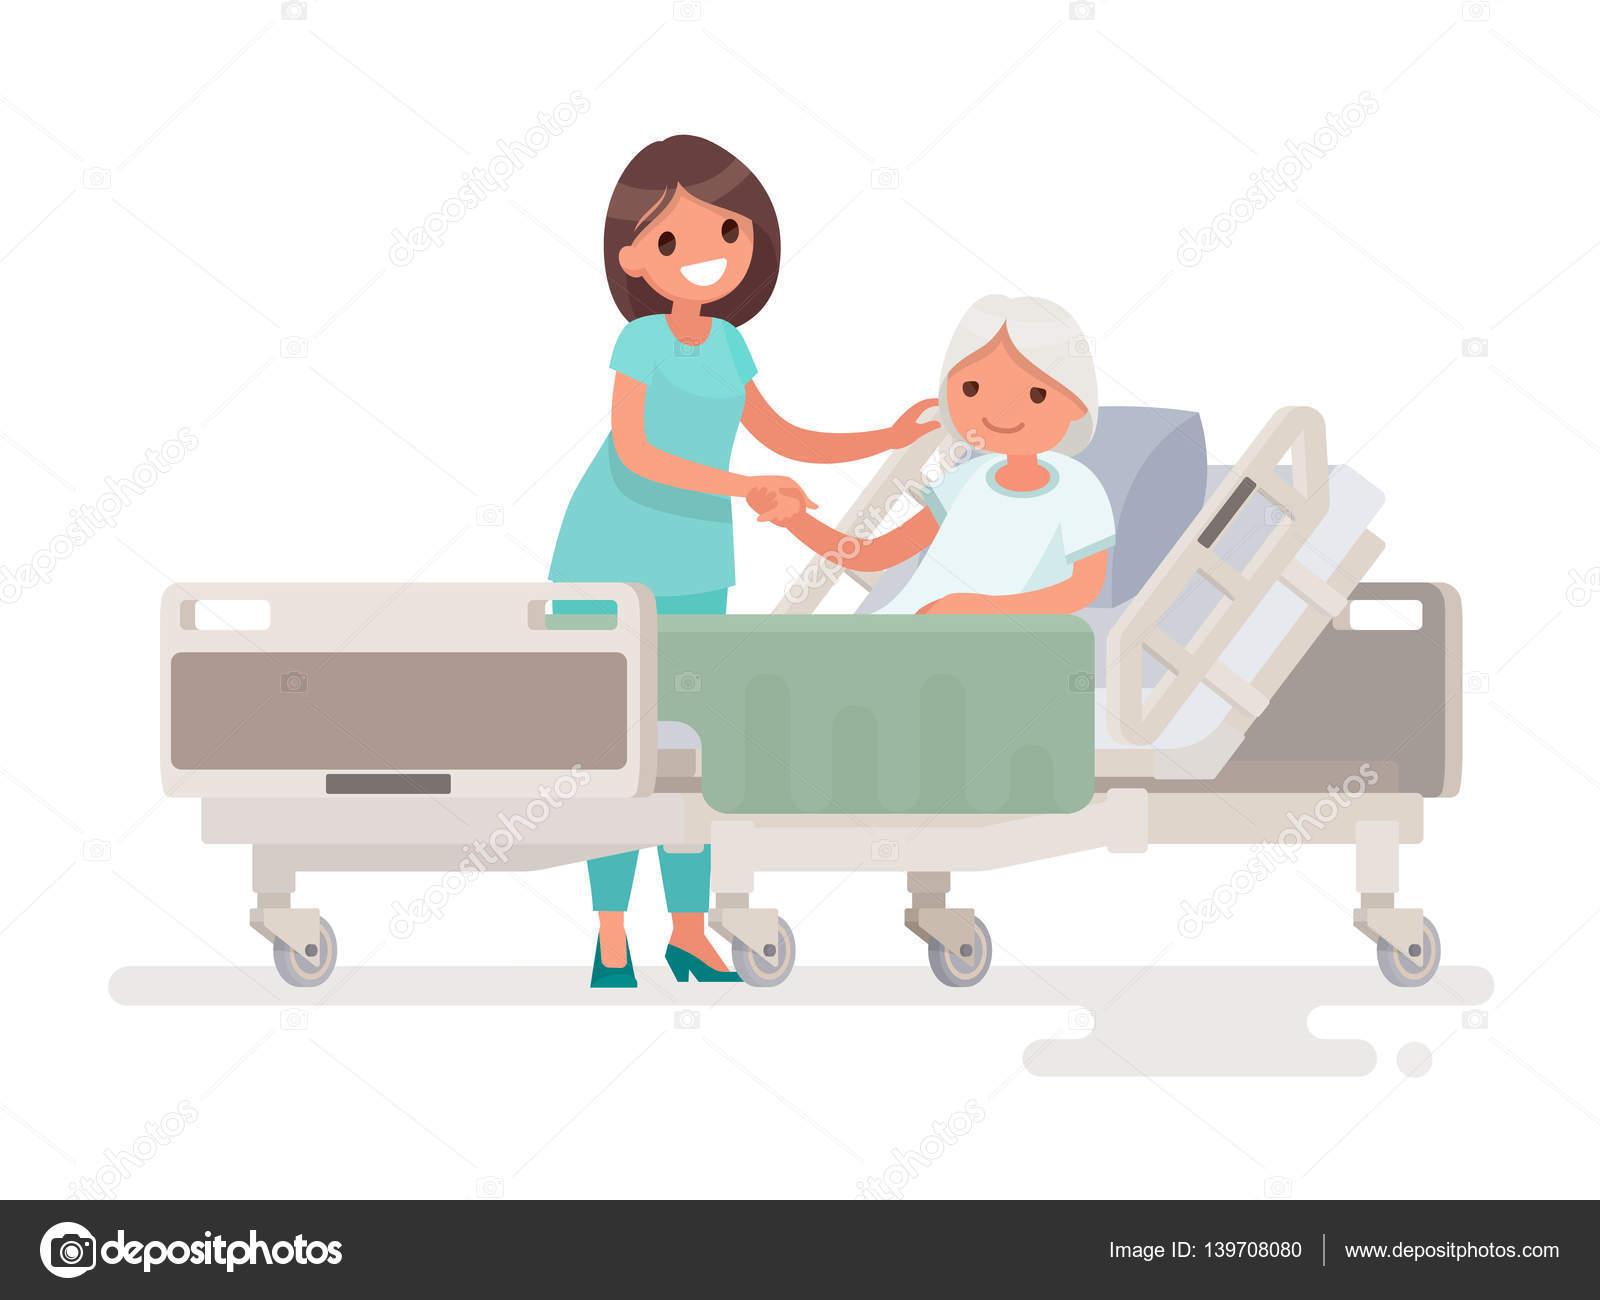 u4f4f u9662 u7684 u75c5 u4eba u3002 u4e00 u540d u62a4 u58eb uff0c u7167 u987e u751f u75c5 u7684 el  u56fe u5e93 u77e2 u91cf u56fe u50cf u00a9 lexam165 gmail com 139708080 clip art nurses quotes clip art nurses cap